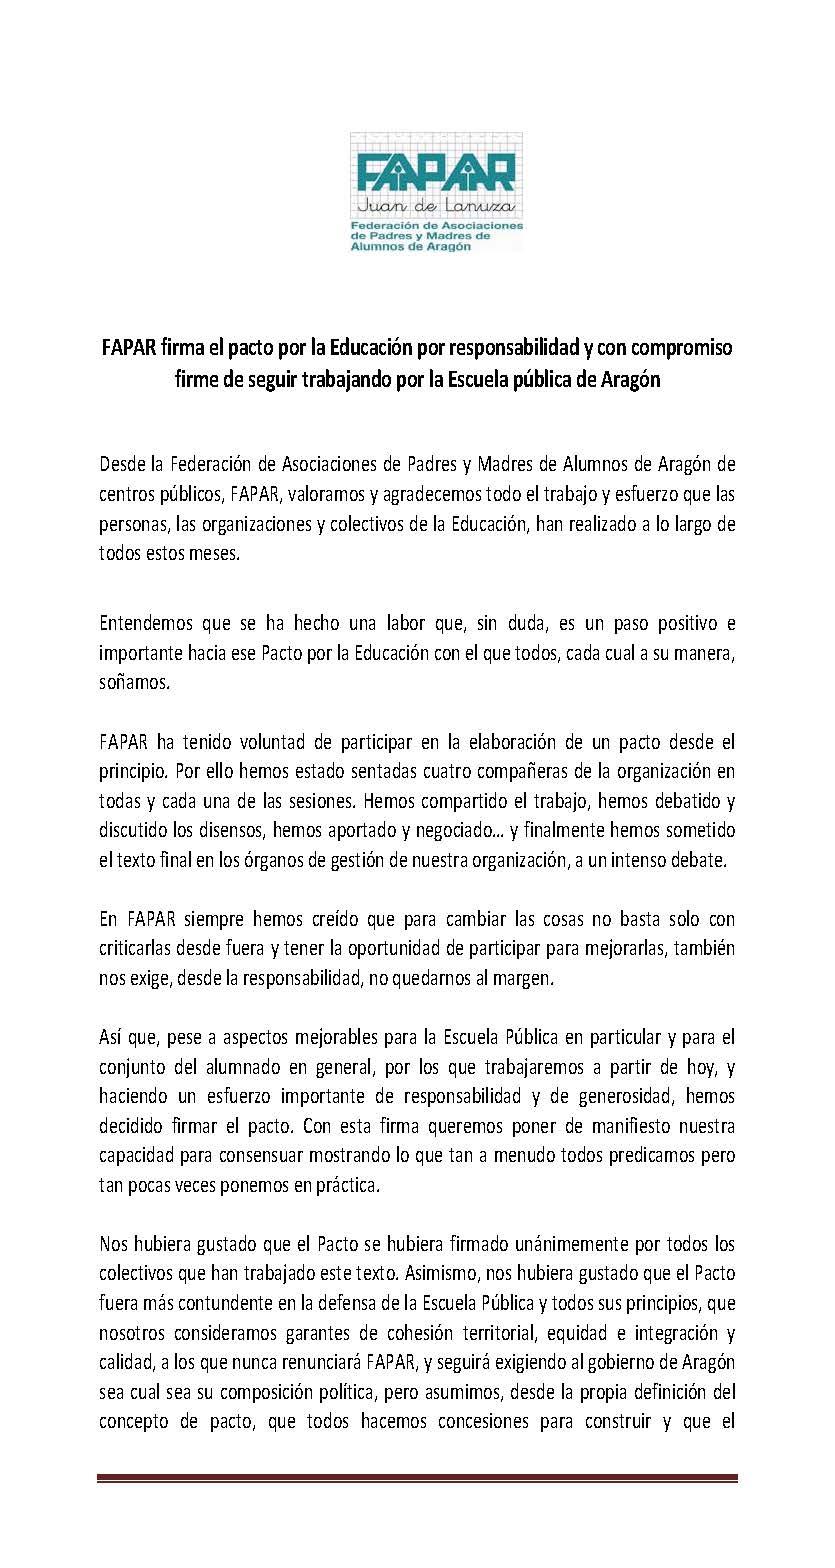 FAPAR firma el PActo por la Educación_Página_1